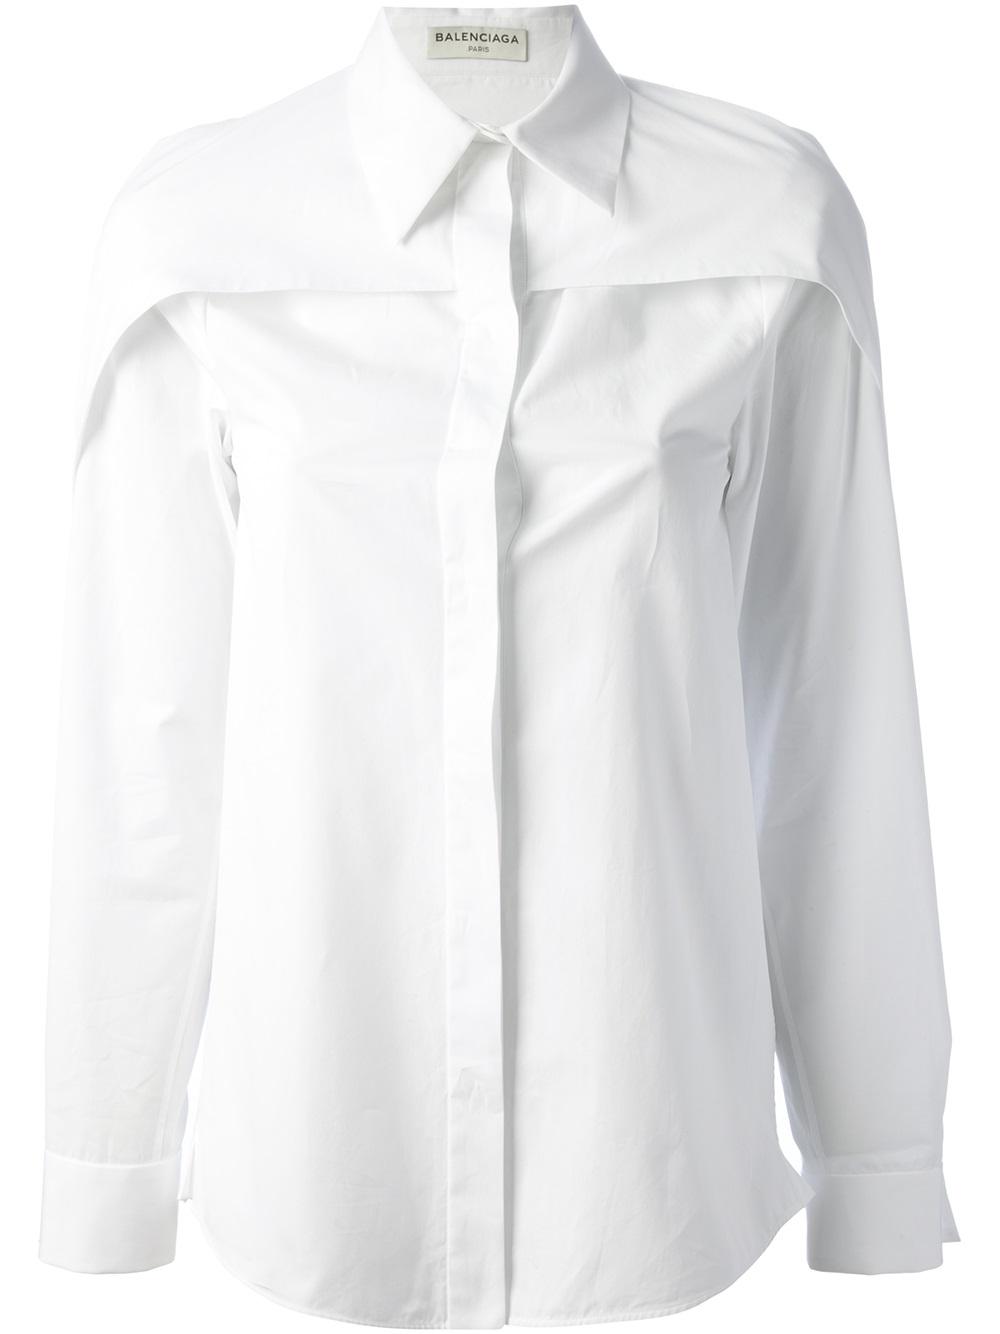 Lyst Balenciaga Layered Shirt In White